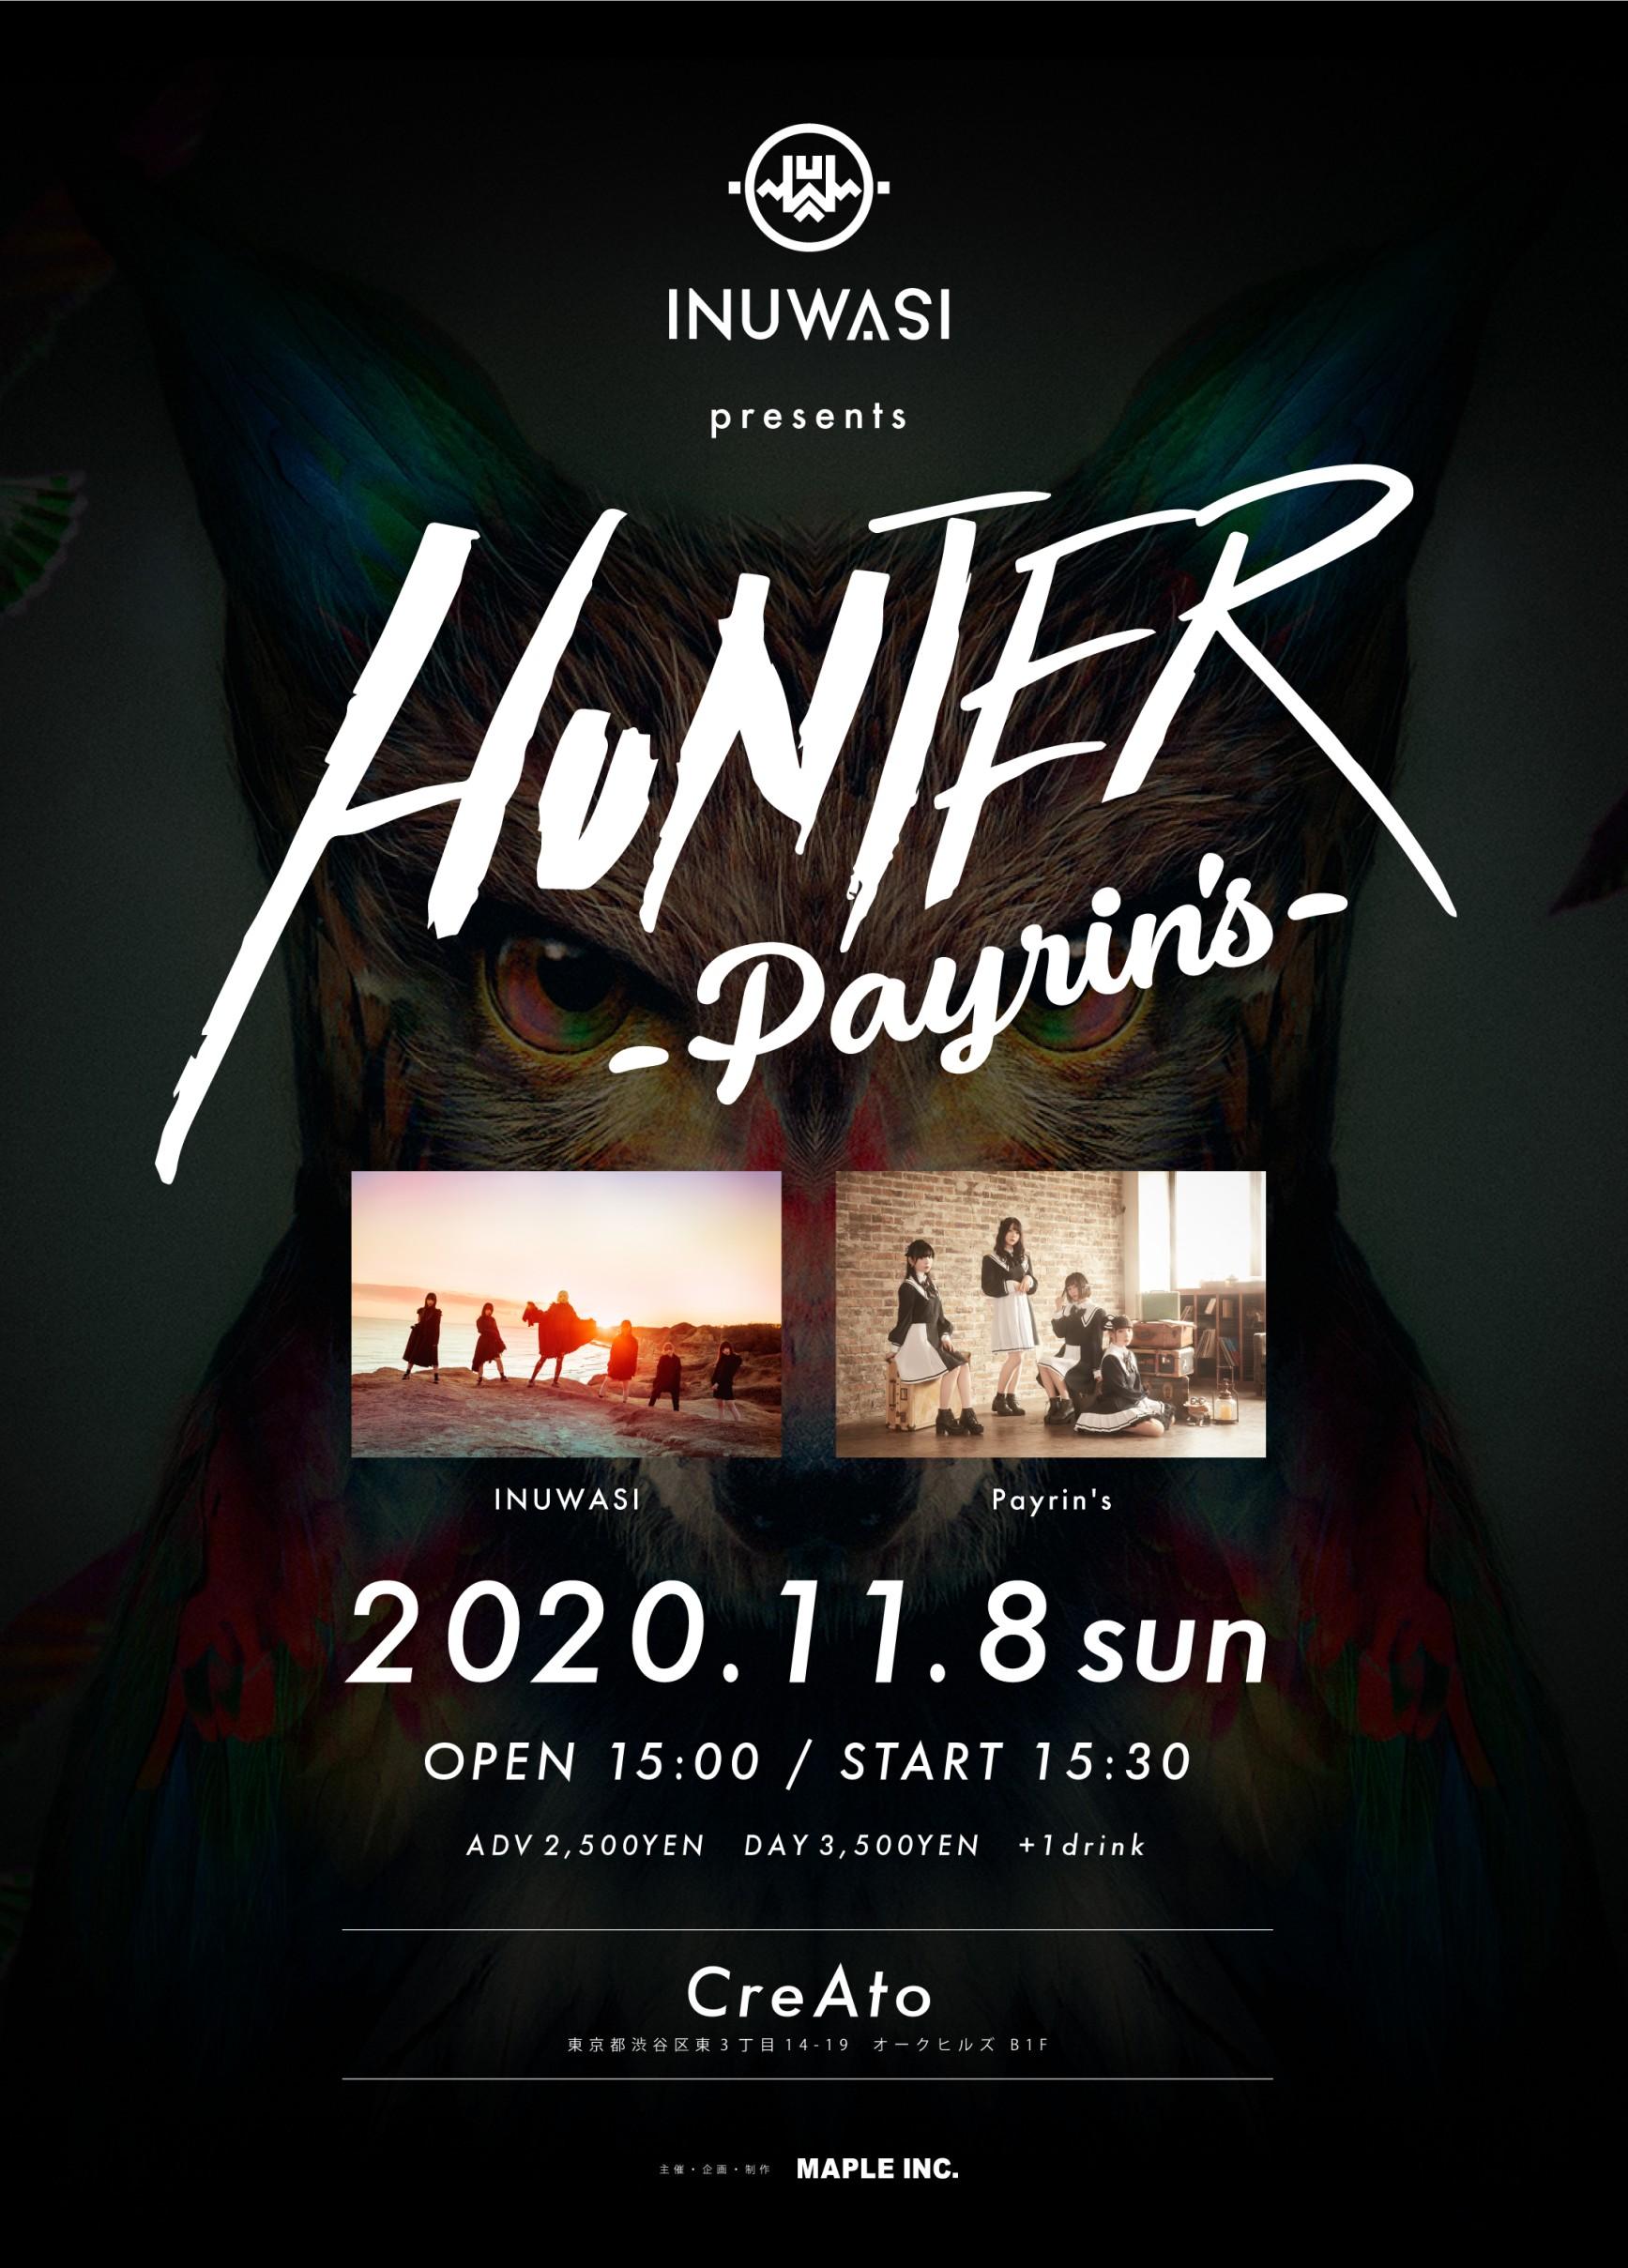 「INUWASI Presents HUNTER - Payrin's -」